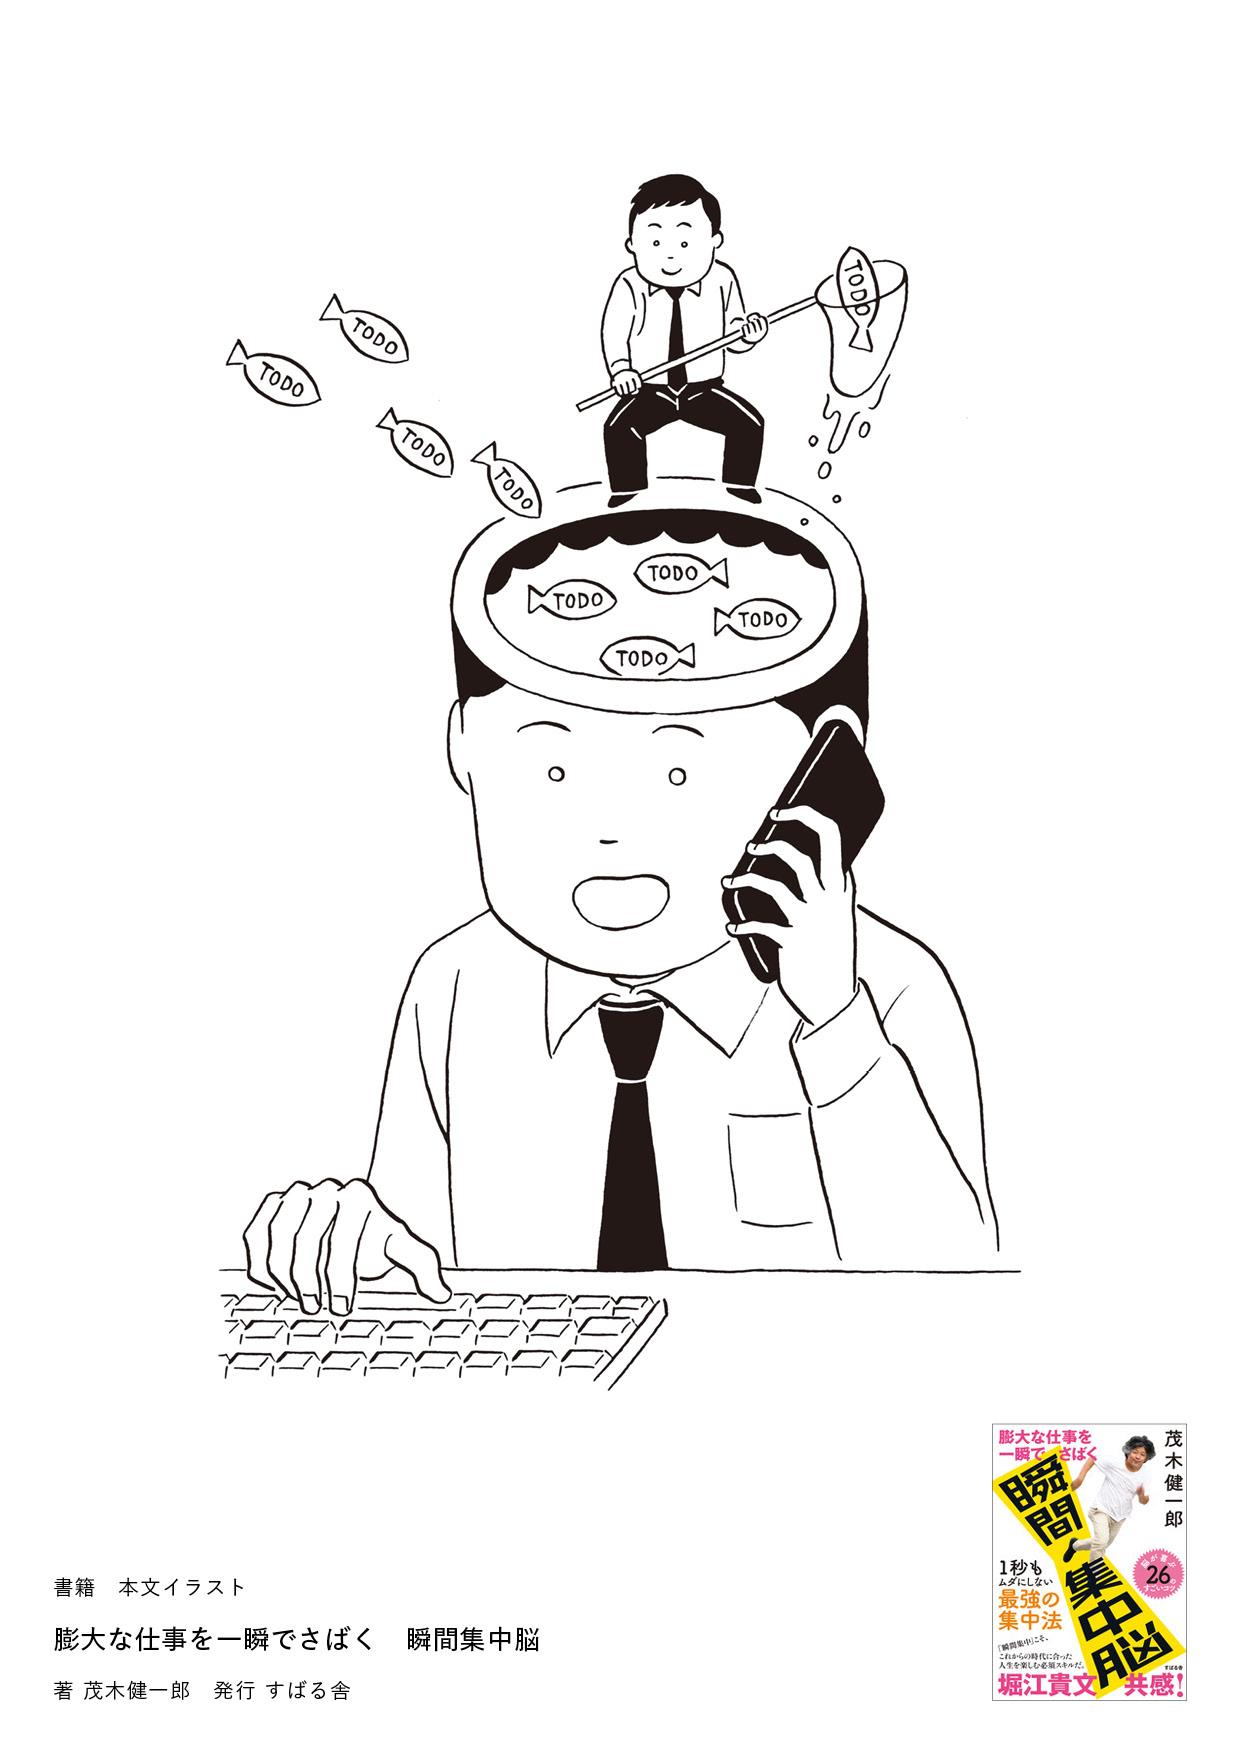 膨大な仕事を一瞬でさばく 瞬間集中脳